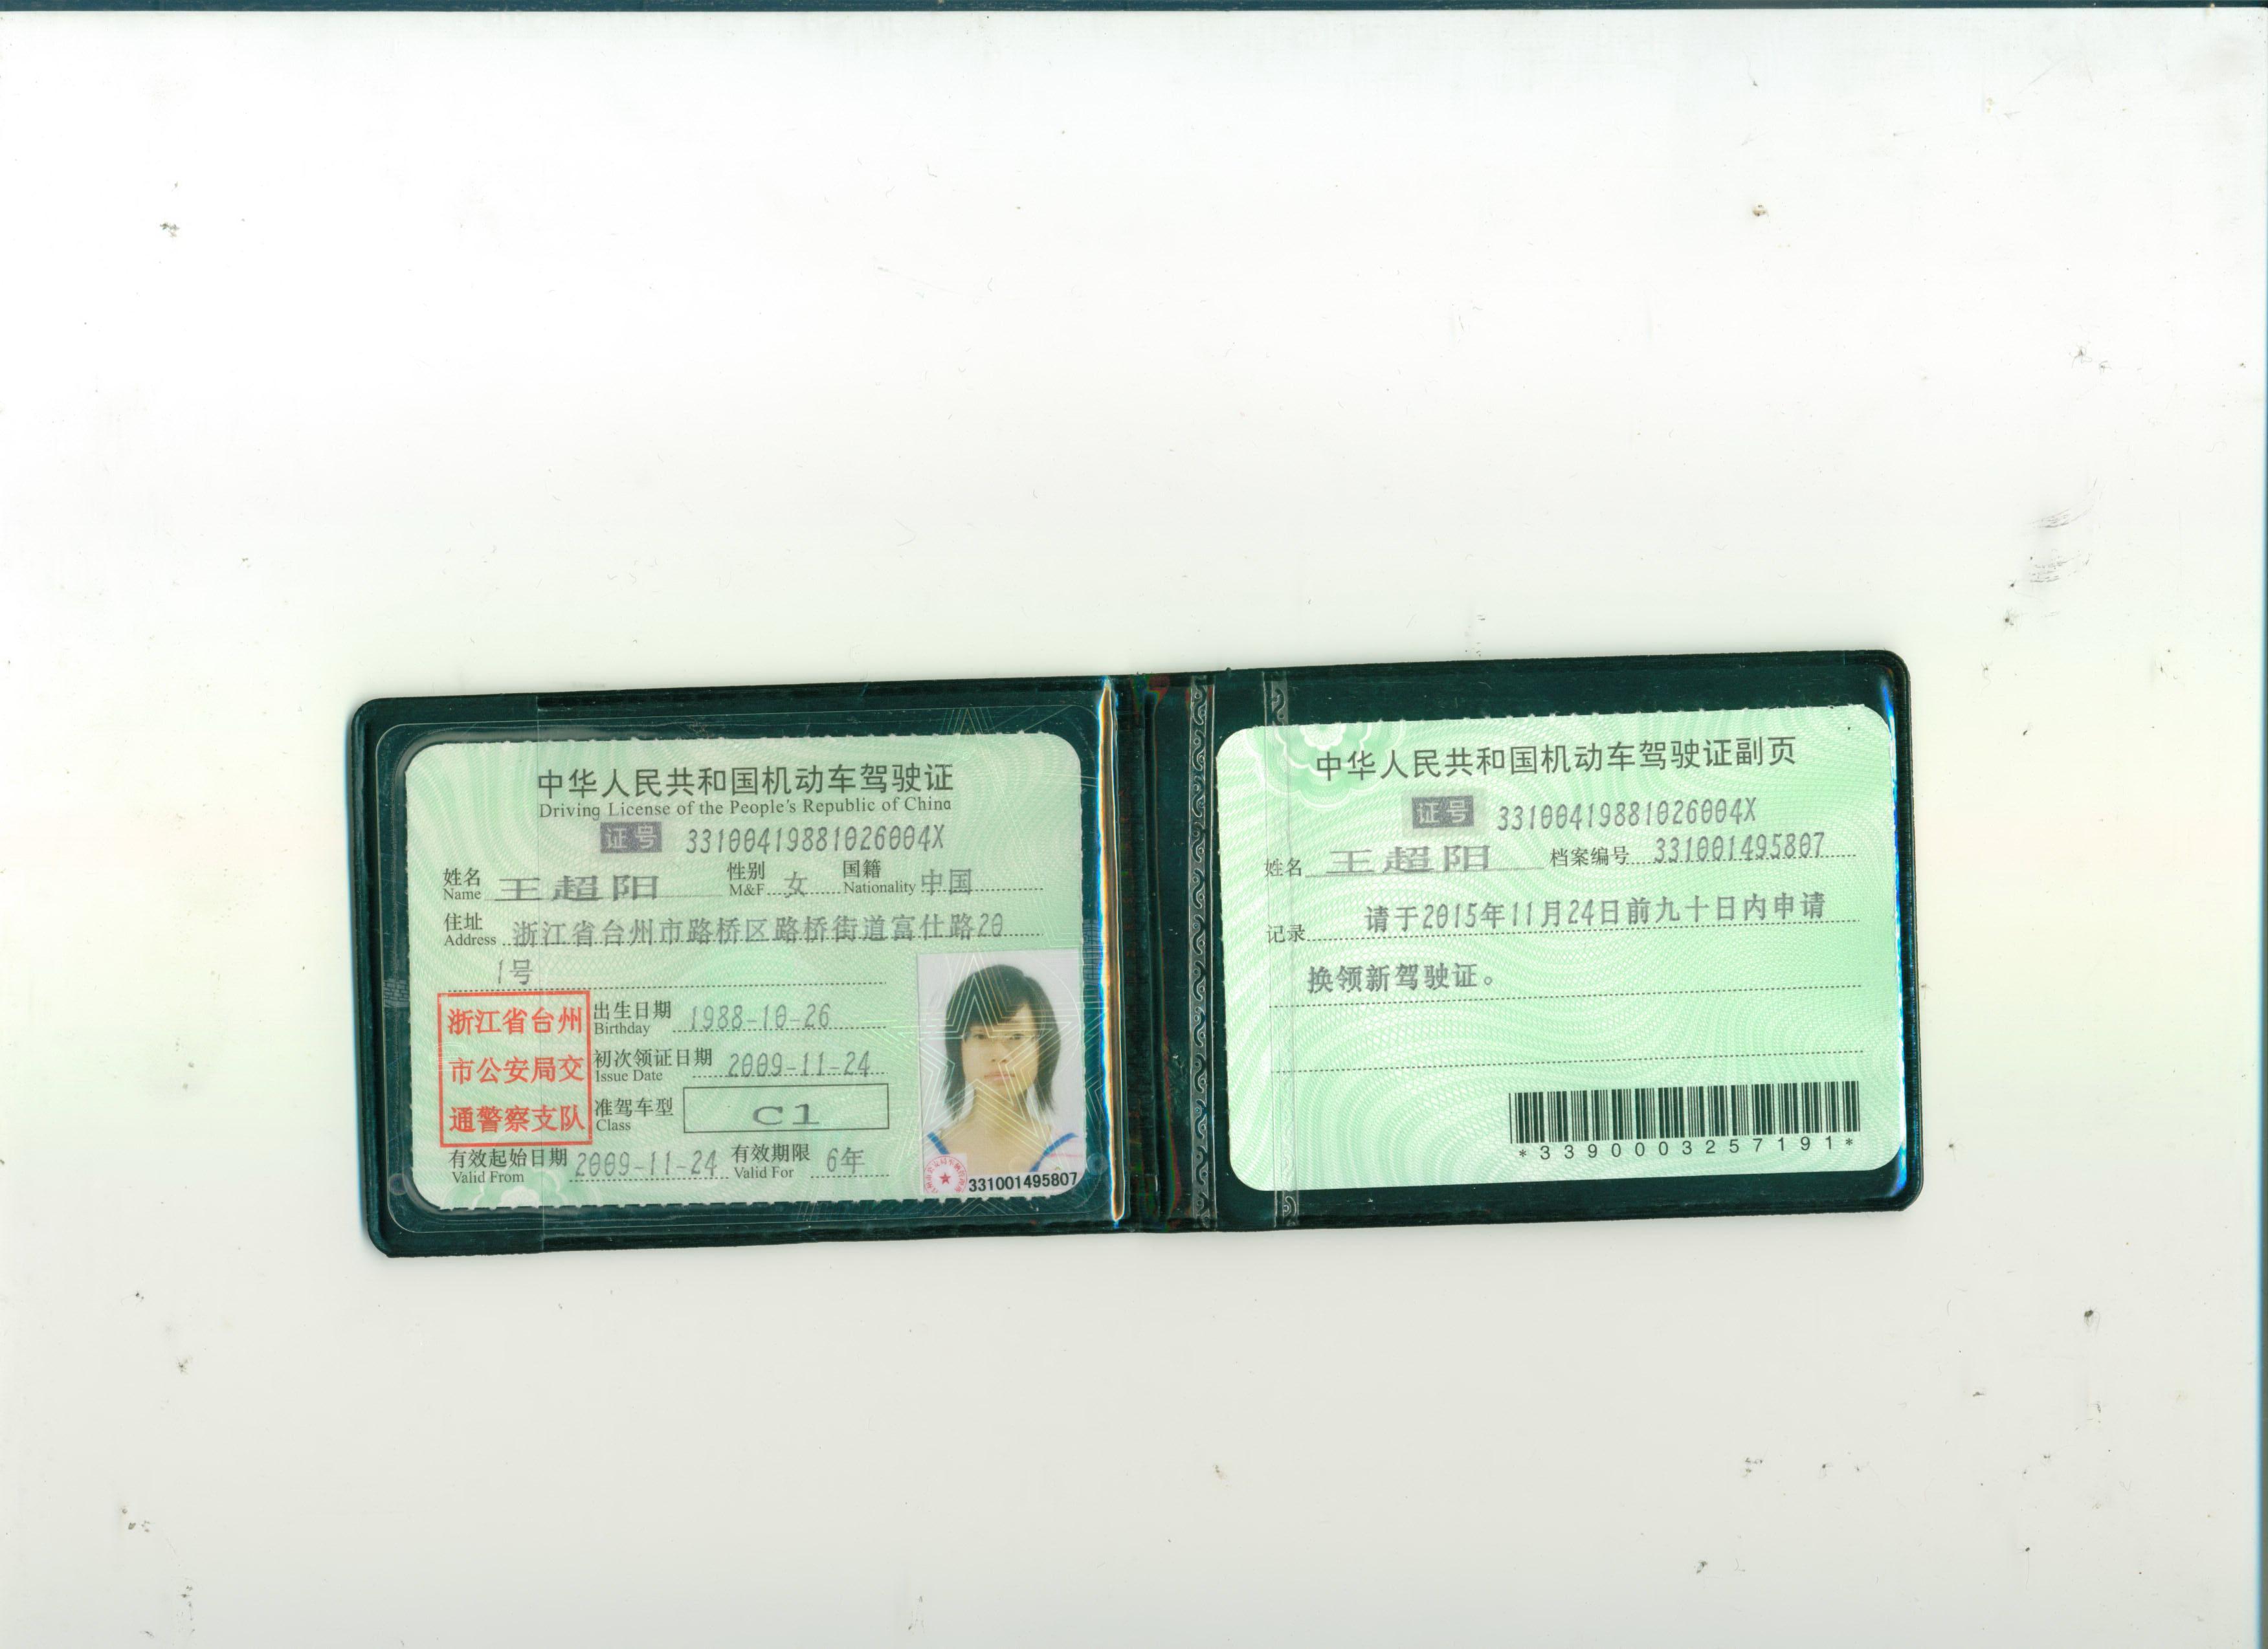 浙江考驾驶证理论_台州现在考驾驶证报名费要多少钱?-台州现在考驾照要多久,多少 ...